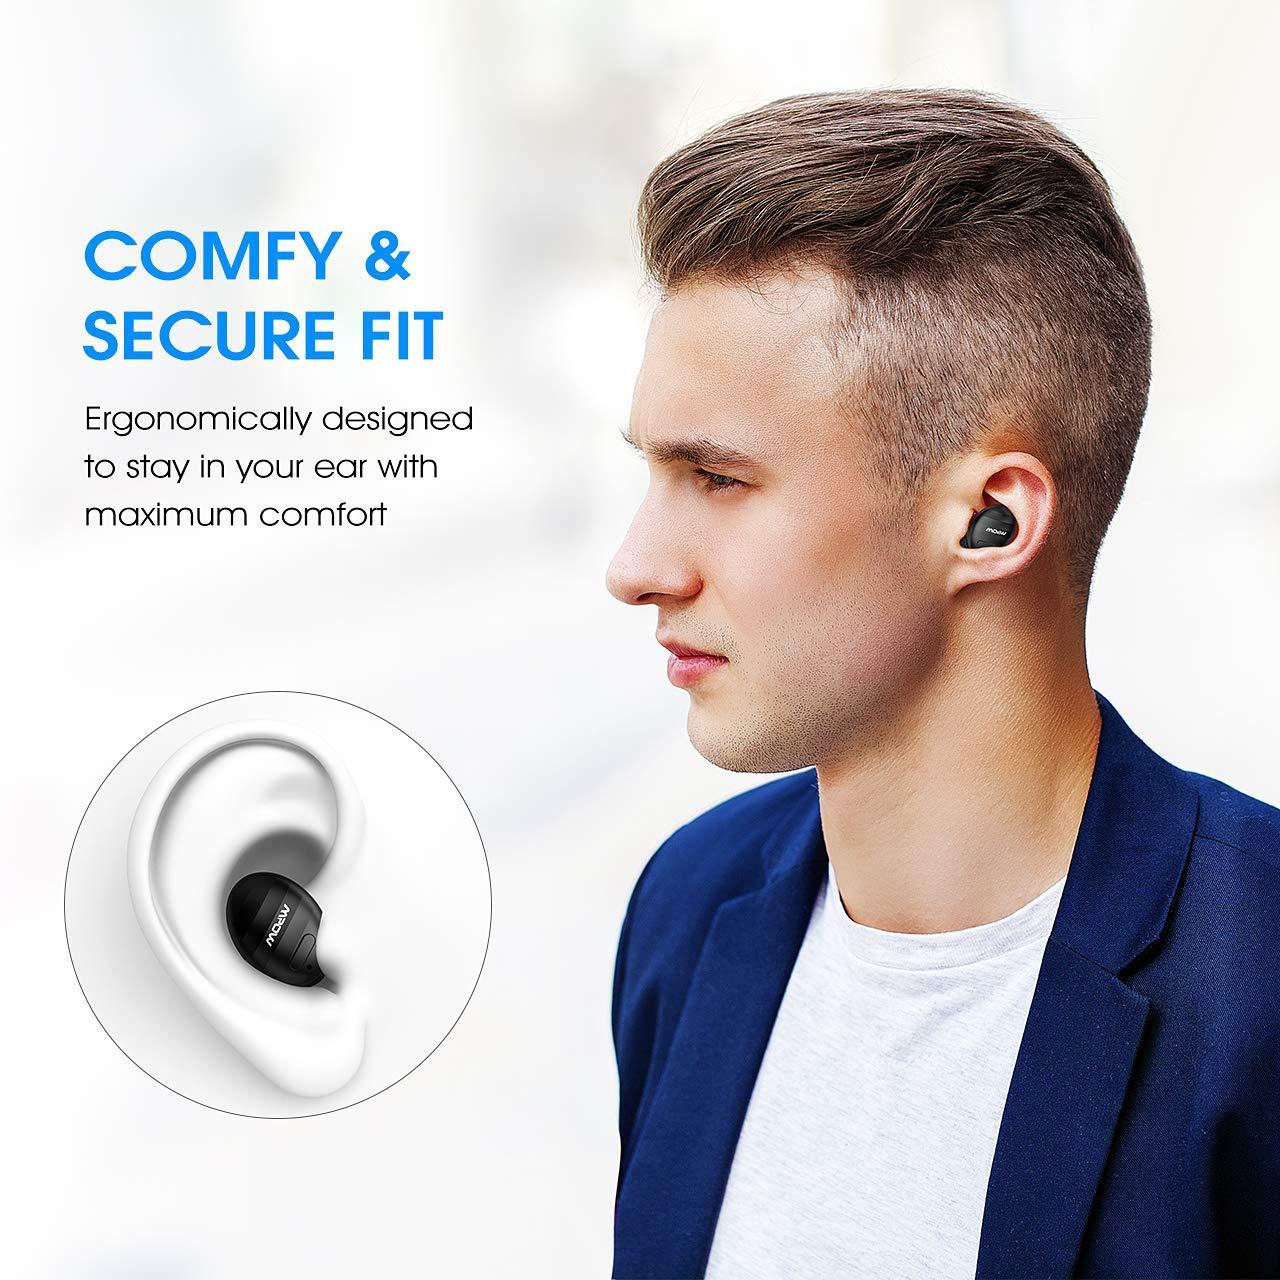 dfa61092cec Mpow EM6 Bluetooth Earpiece, V4.1 Wireless Earbud with Mic, Single ...